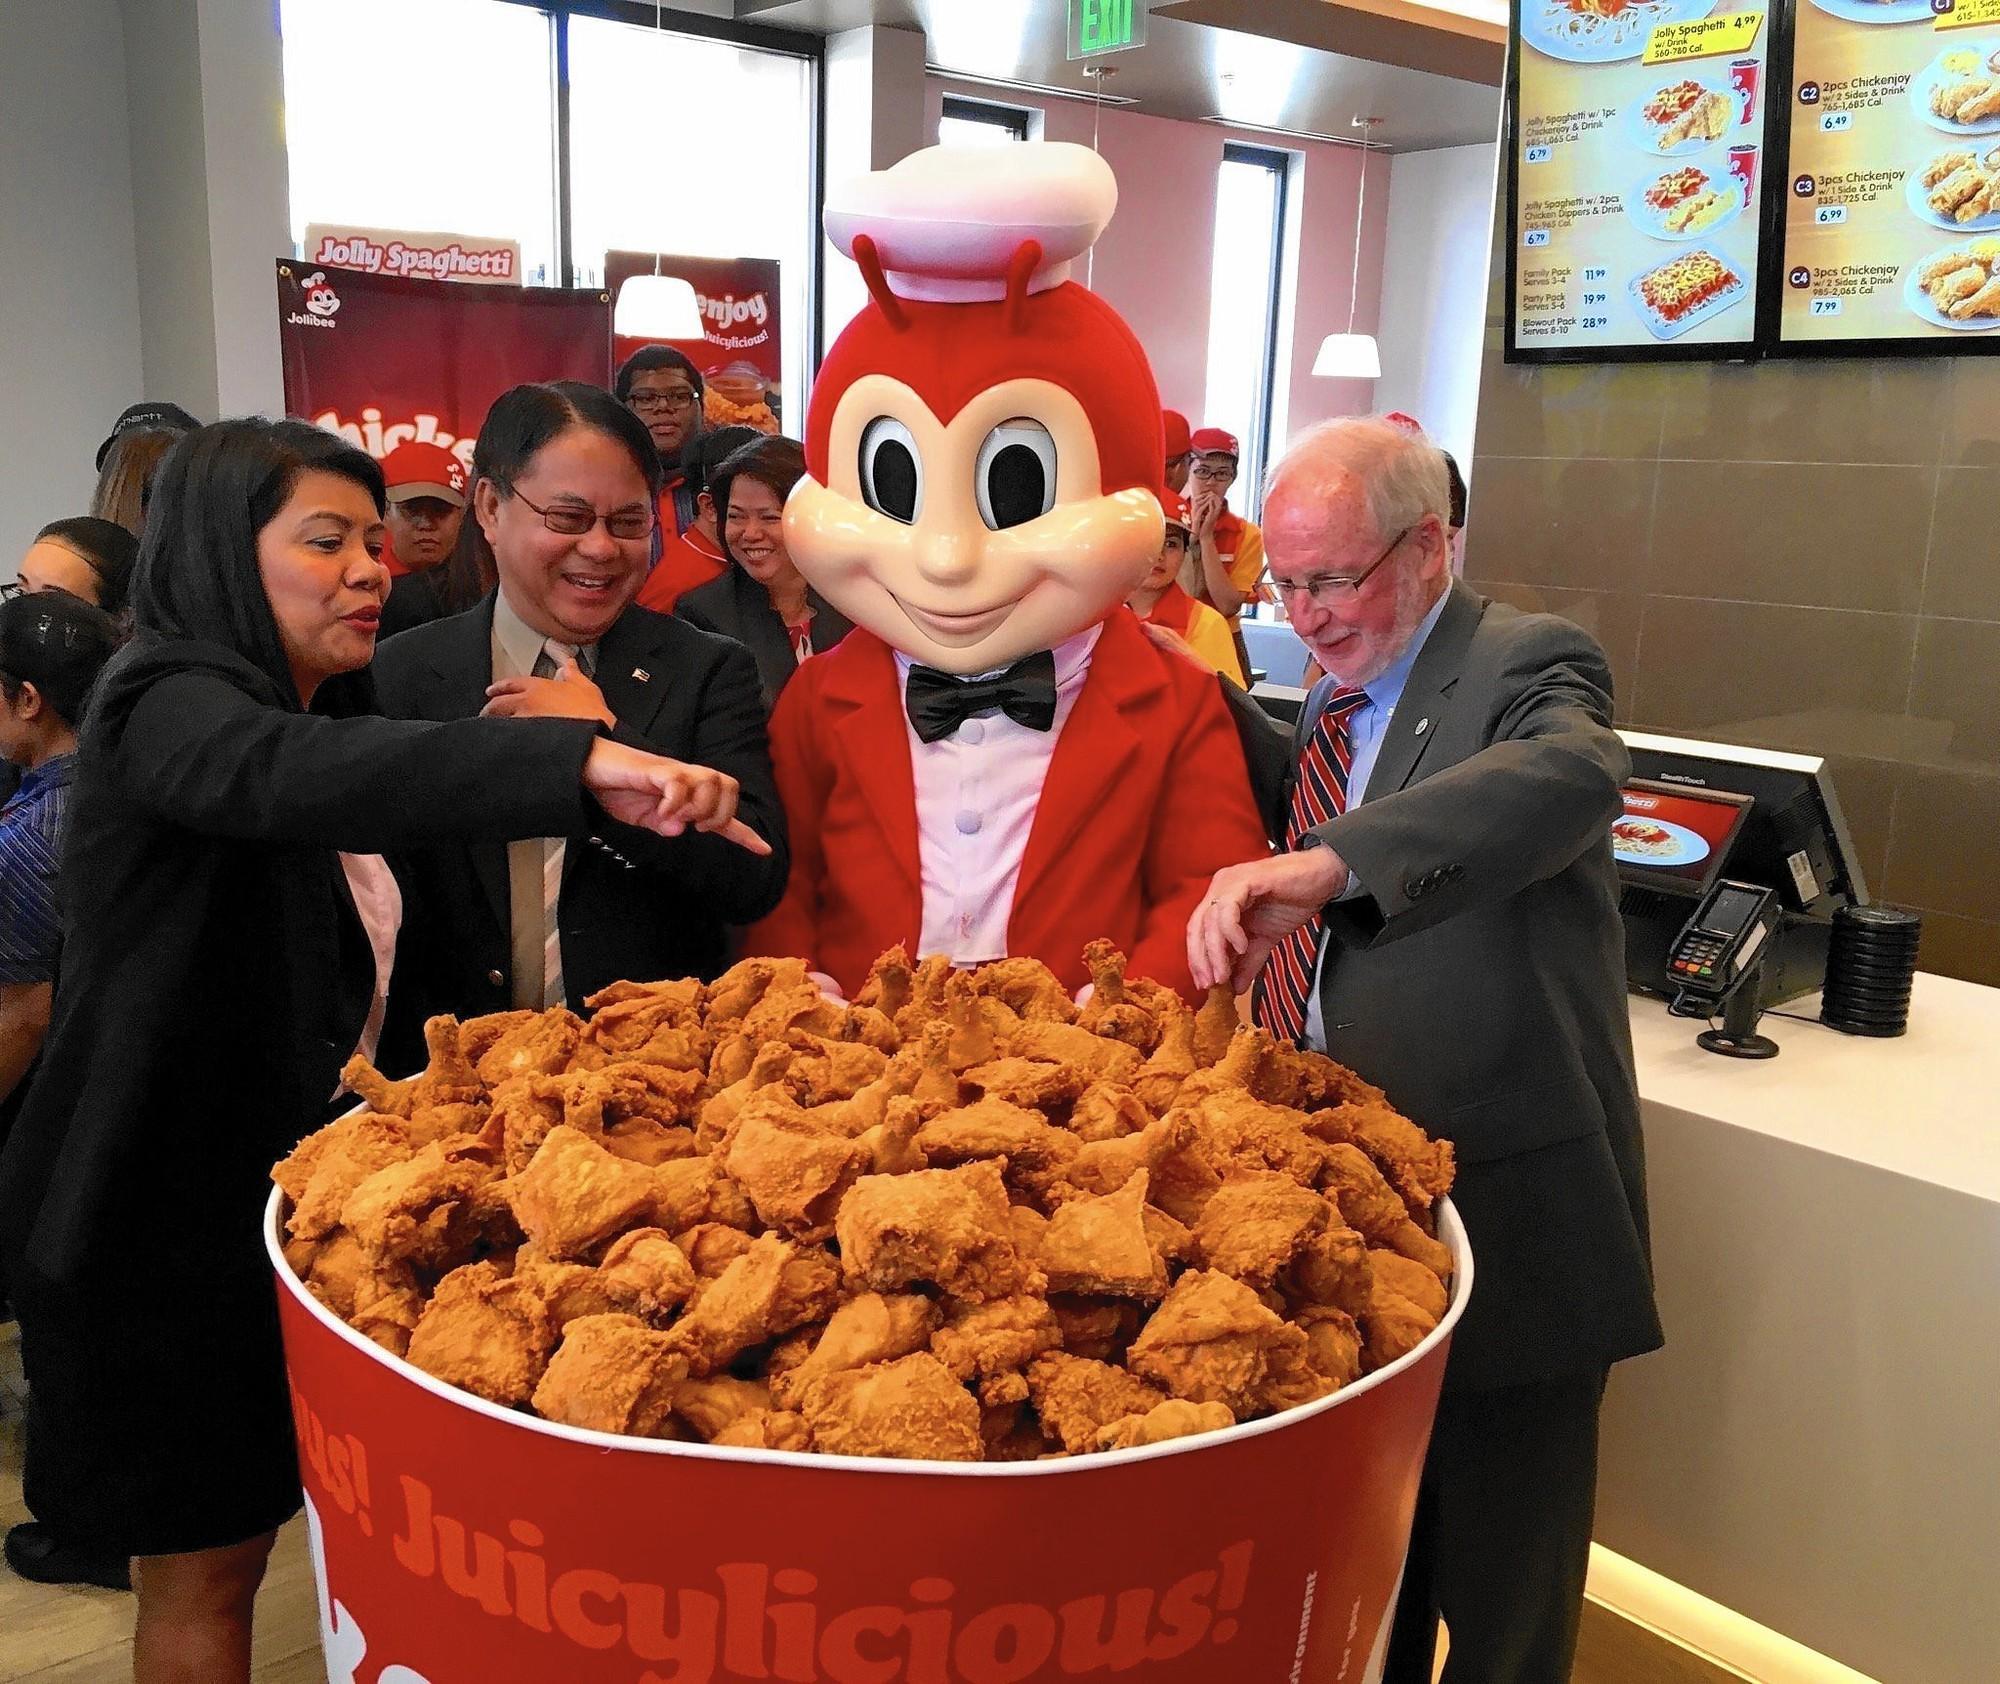 Câu chuyện về Jollibee - thủ phạm khiến đế chế McDonalds mất 40 năm vẫn không thể đứng số 1 tại Philippines - Ảnh 3.